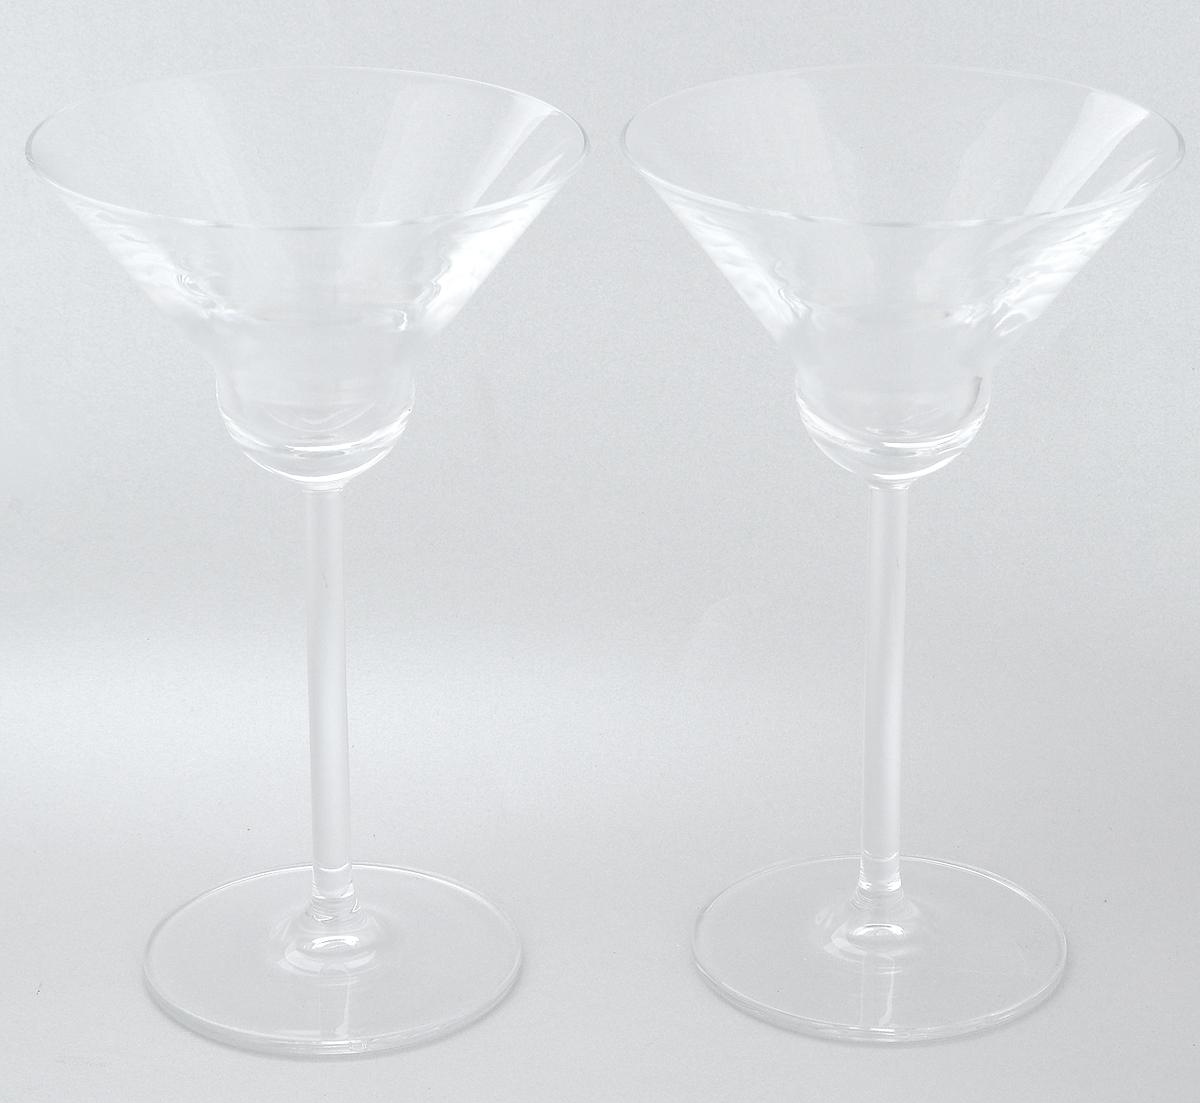 Набор бокалов Pasabahce Fusion, 190 мл, 2 шт67012NНабор Pasabahce Fusion состоит из двух бокалов, выполненных из прочного стекла. Изделия оснащены невысокими изящными ножками, отлично подходят для подачи коктейлей, мартини и других напитков. Бокалы сочетают в себе элегантный дизайн и функциональность. Набор бокалов Pasabahce Fusion прекрасно оформит праздничный стол и создаст приятную атмосферу за ужином. Такой набор также станет хорошим подарком к любому случаю. Можно мыть в посудомоечной машине. Диаметр бокала по верхнему краю: 11 см. Высота бокала: 18,2 см.